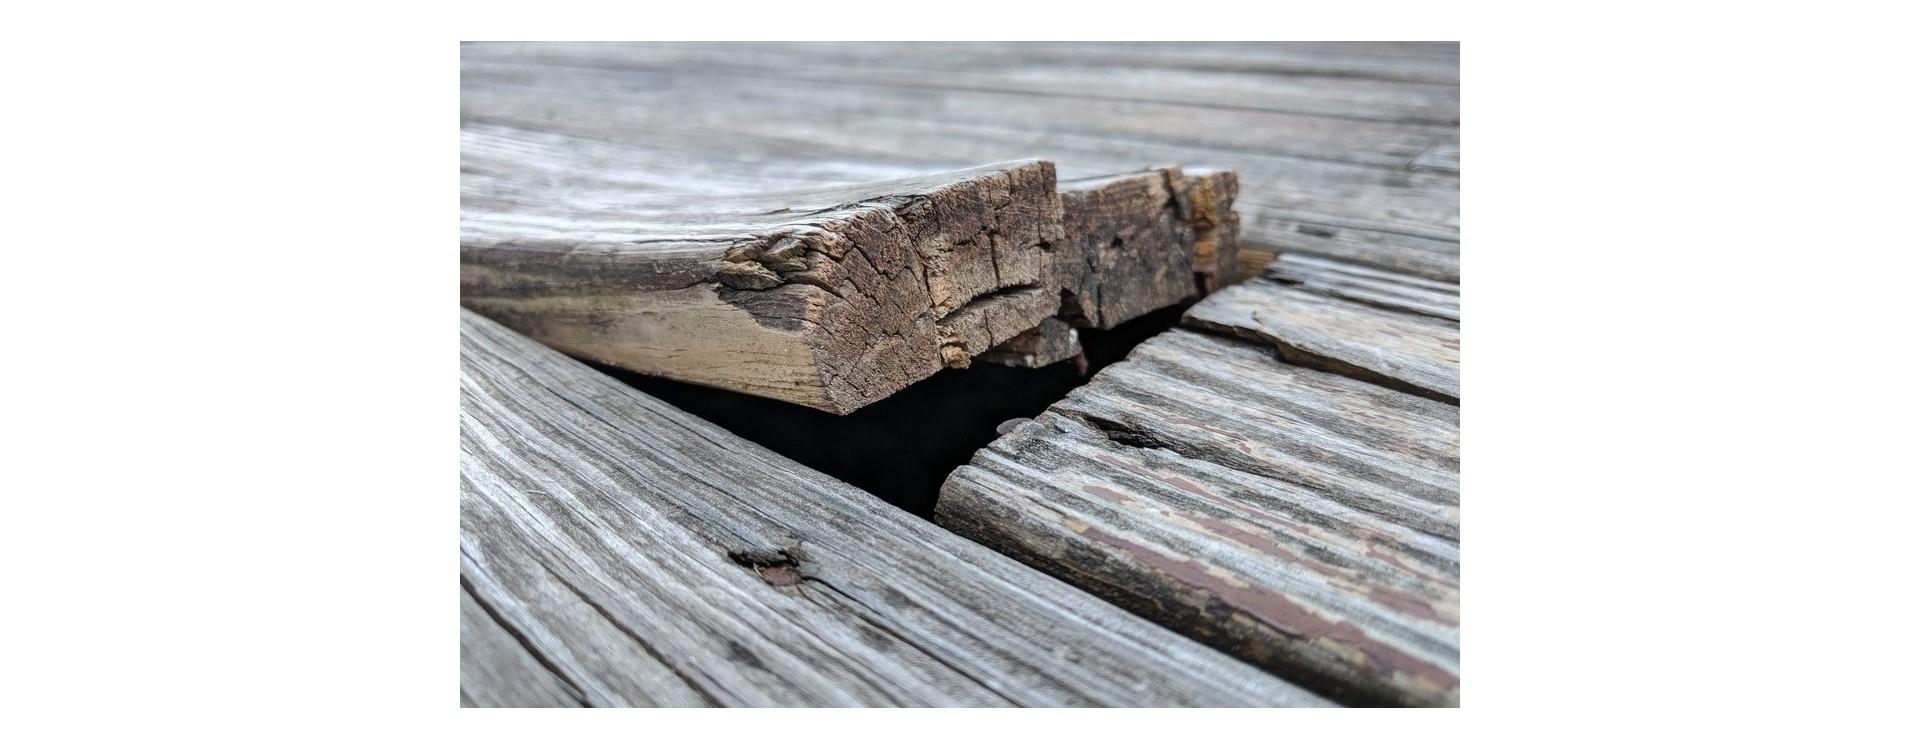 Difetti del legno: quali sono e cosa comportano